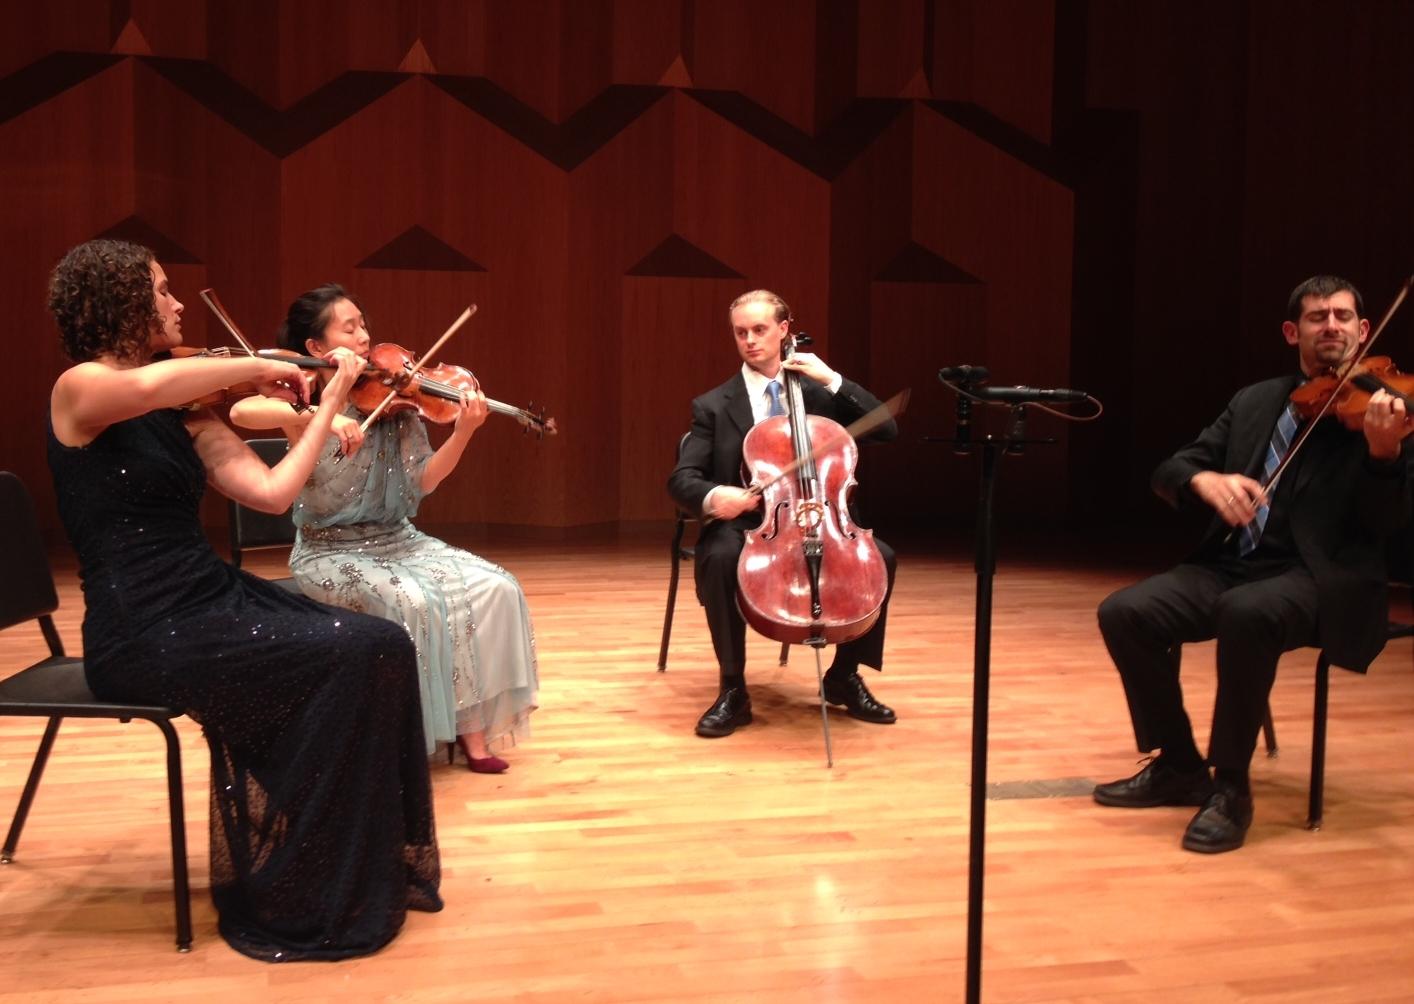 Chiara Quartet performing from memory in Seoul, South Korea.